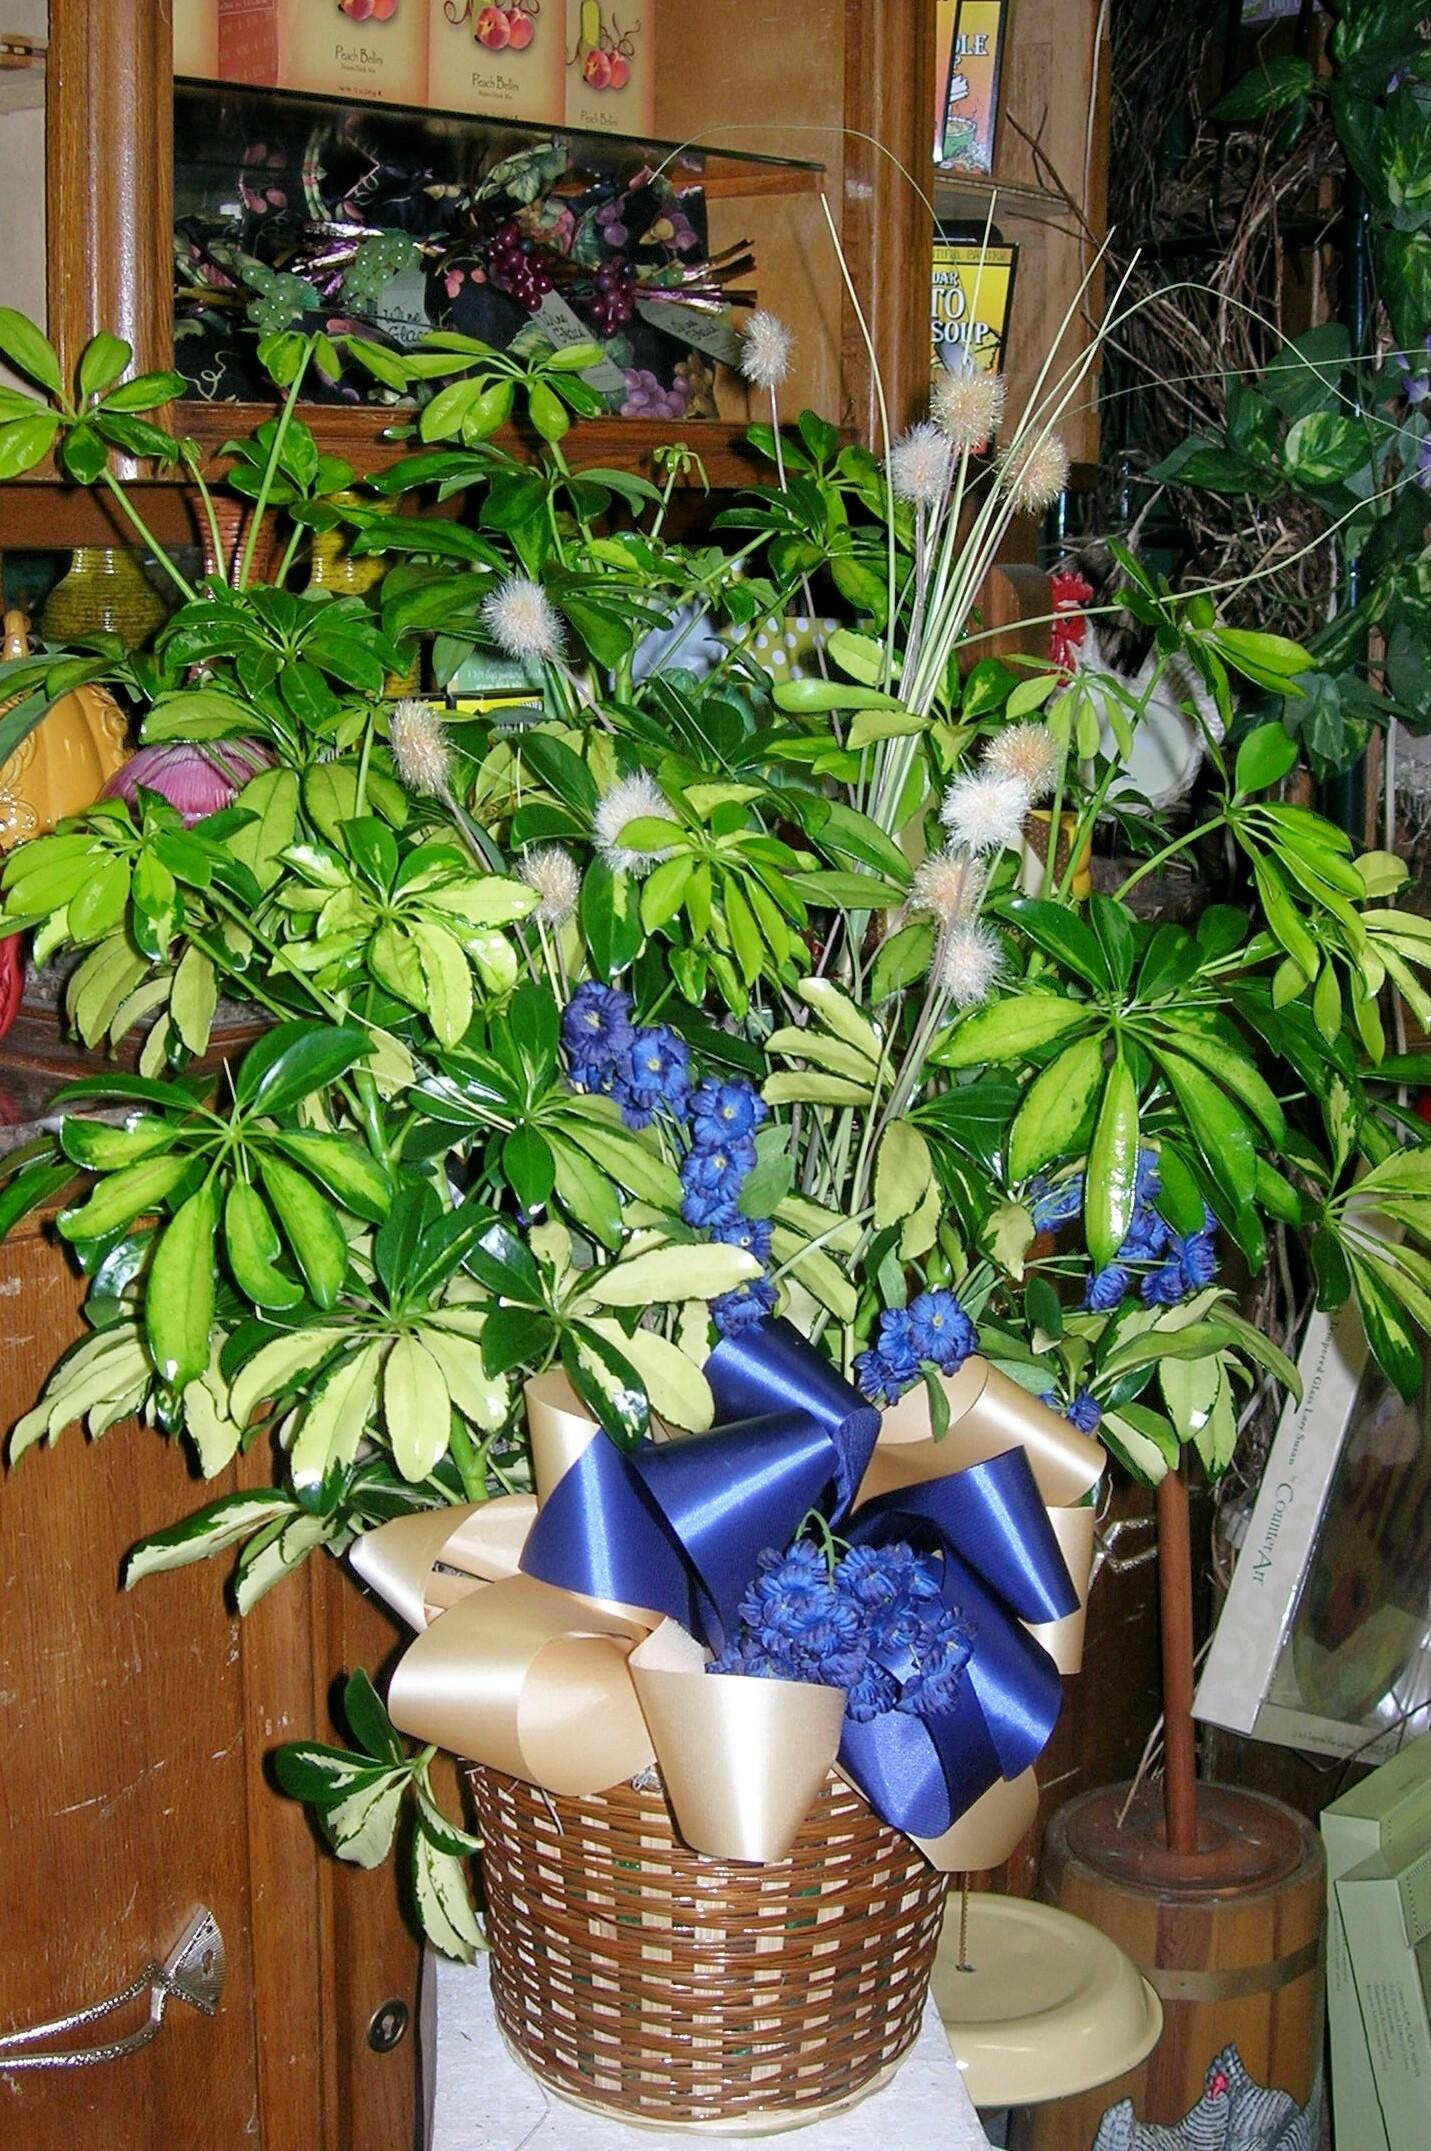 Darlene's Flower & Gift Shop image 5